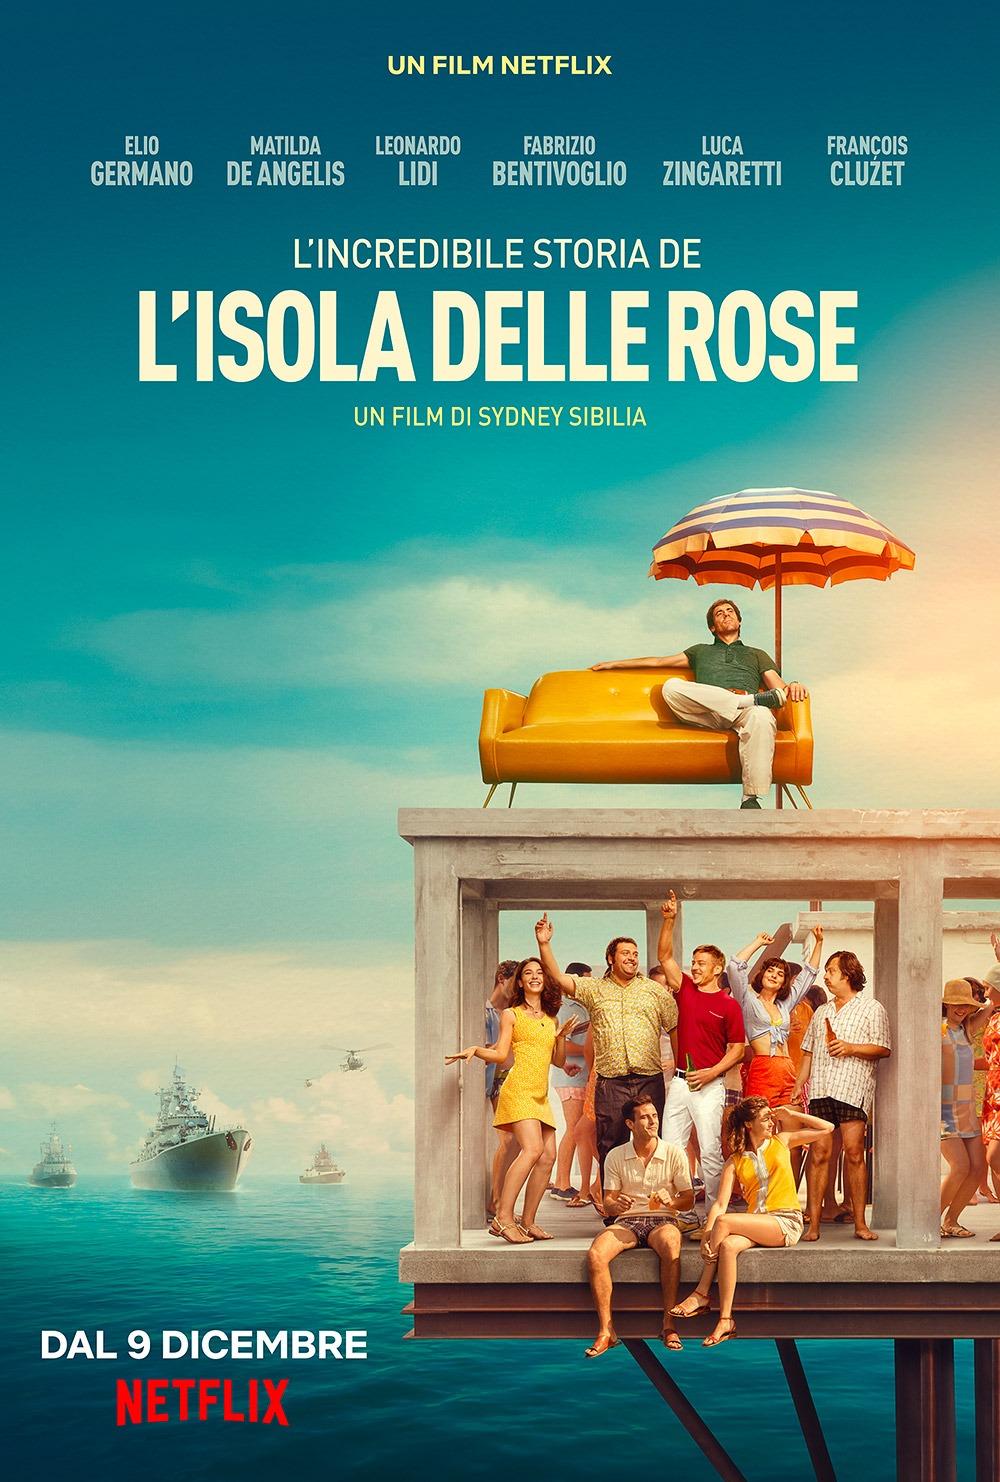 lincredibile-storia-dellisola-delle-rose-1608051666.jpeg